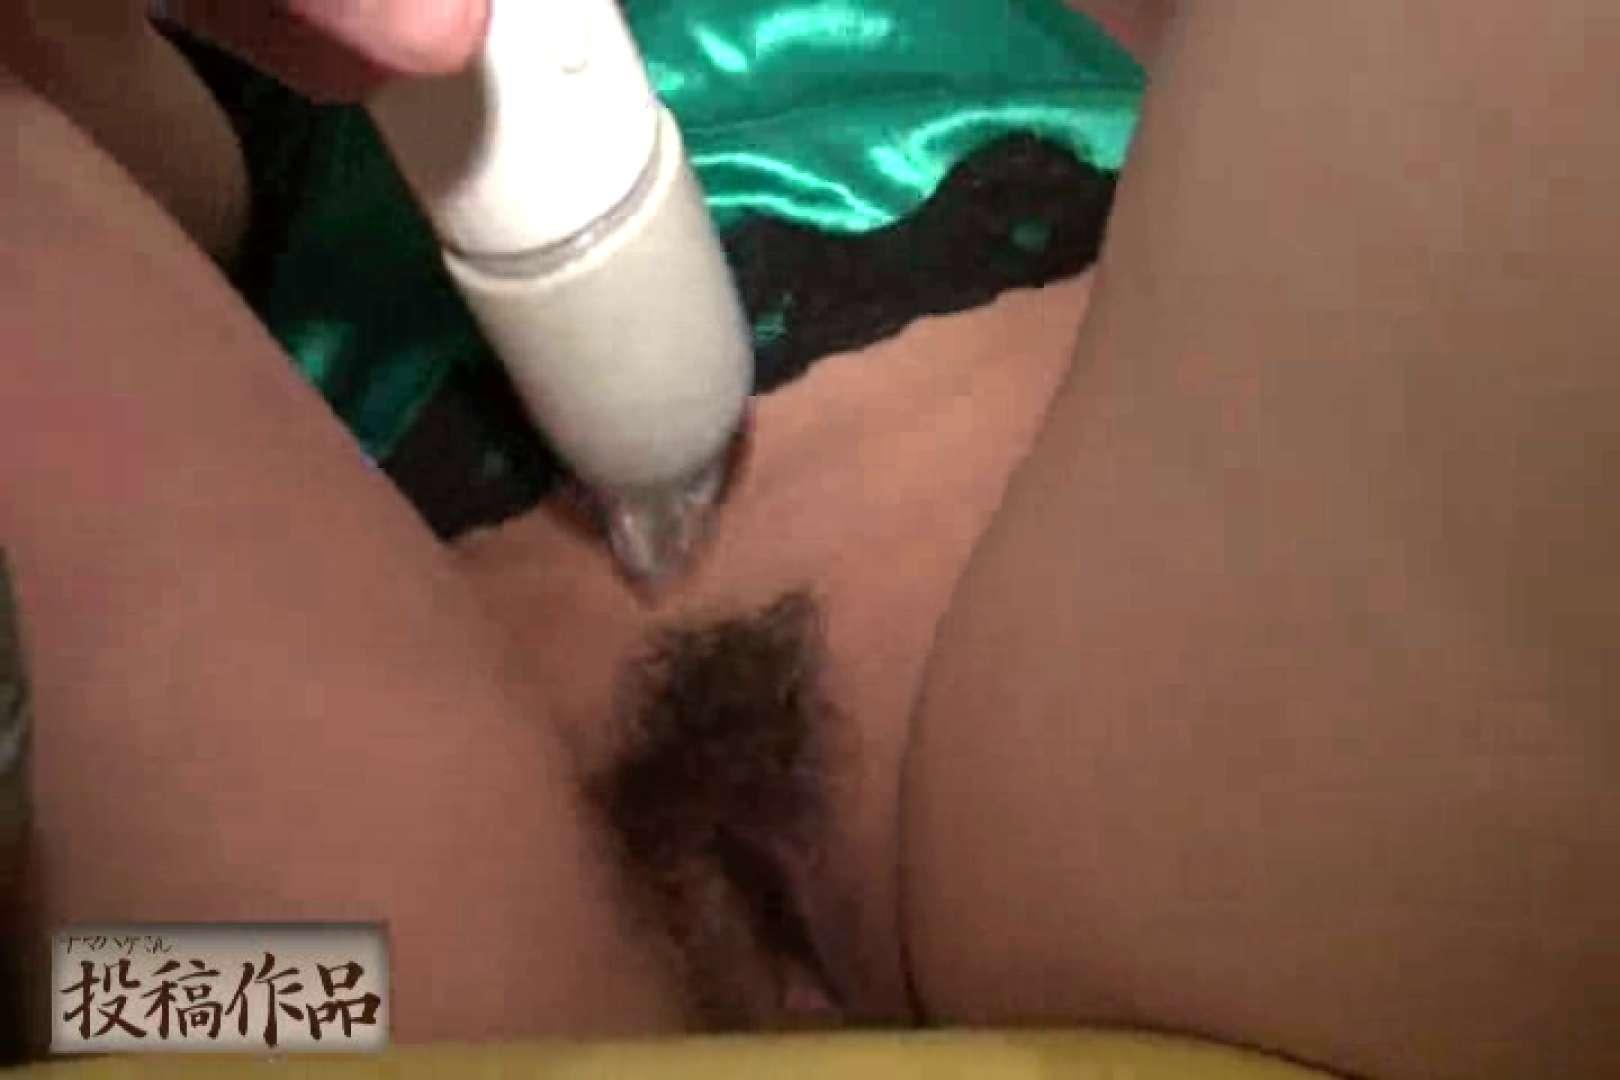 ナマハゲさんのまんこコレクション第二章 maria 一般投稿 SEX無修正画像 105pic 78